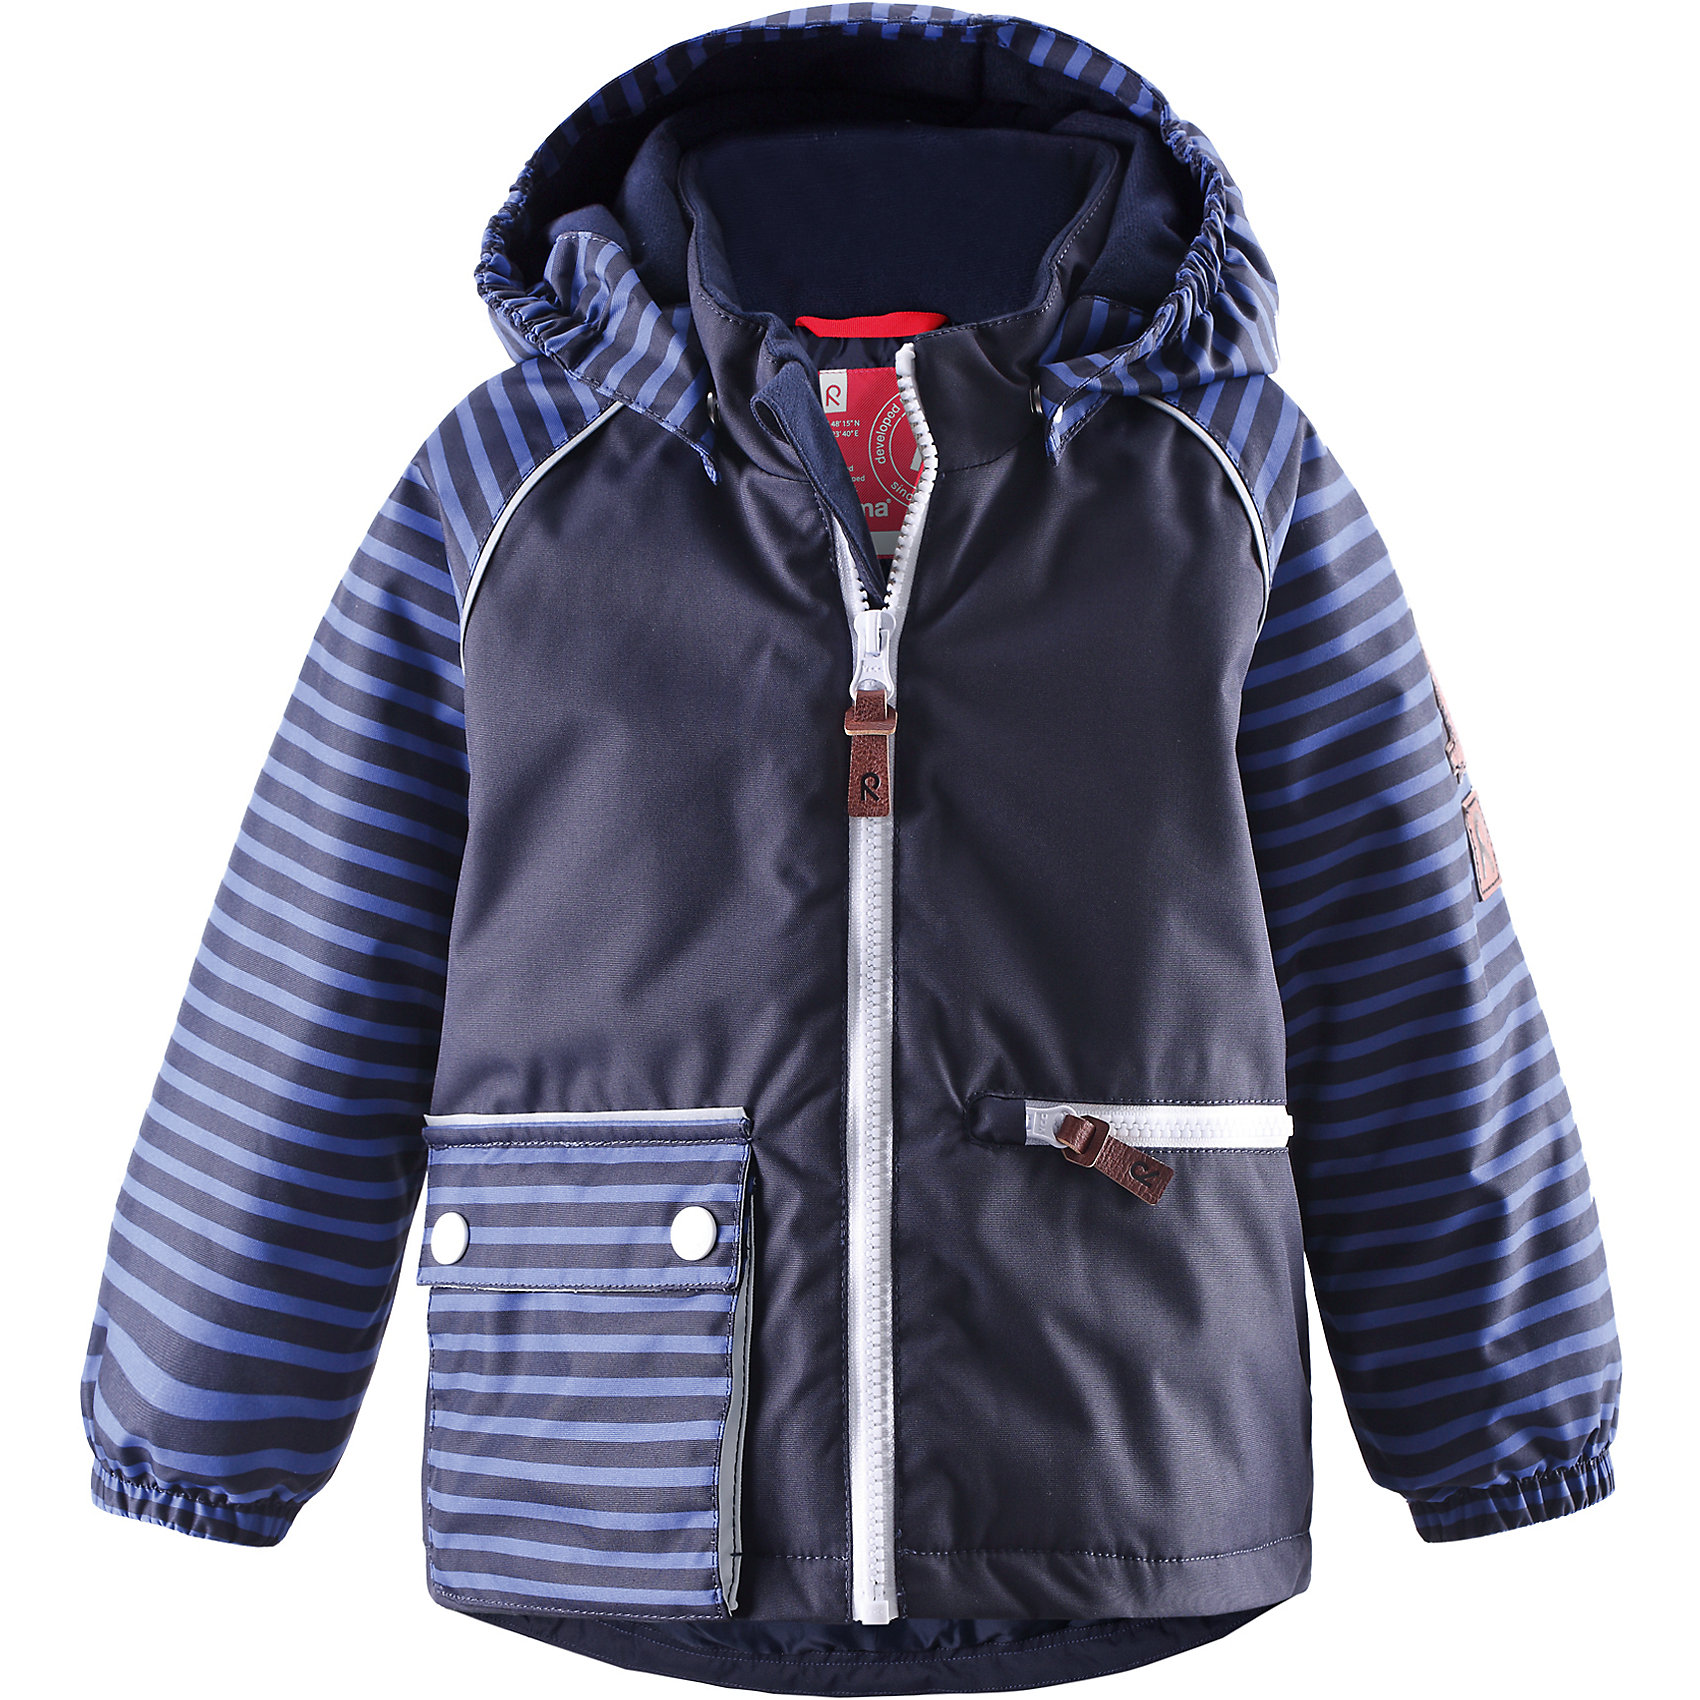 Куртка для мальчика ReimaБлагодаря ярким полоскам и забавным деталям эта зимняя куртка для детей станет стильным нарядом для зимних развлечений! Основные швы проклеены для водонепроницаемости, а материал отталкивает воду и грязь. В этой ветронепроницаемой, пропускающей воздух куртке вашему малышу не страшны ни снег, ни влага. Гладкая подкладка из полиэстера облегчает процесс одевания и удобно носится с тёплыми промежуточными слоями. Модная модель украшена большими накладными карманами, стильными язычками молнии и эмблемой с лисичкой на рукаве, сделанной из искусственной кожи. Эта куртка не требует особого ухода и надёжно согреет во время весёлой зимней прогулки!<br><br>Водонепроницаемая зимняя куртка для малышей, модель для мальчиков<br>Основные швы проклеены, водонепроницаемы<br>Безопасный съёмный капюшон<br>Один карман на молнии и один накладной карман<br>Светоотражающие детали для безопасности<br>Состав:<br>100% ПЭ, ПУ-покрытие<br>Средняя степень утепления (до - 20)<br><br>Куртку для мальчика Reima (Рейма) можно купить в нашем магазине.<br><br>Ширина мм: 356<br>Глубина мм: 10<br>Высота мм: 245<br>Вес г: 519<br>Цвет: синий<br>Возраст от месяцев: 6<br>Возраст до месяцев: 9<br>Пол: Мужской<br>Возраст: Детский<br>Размер: 74,98,92,86,80<br>SKU: 4208149